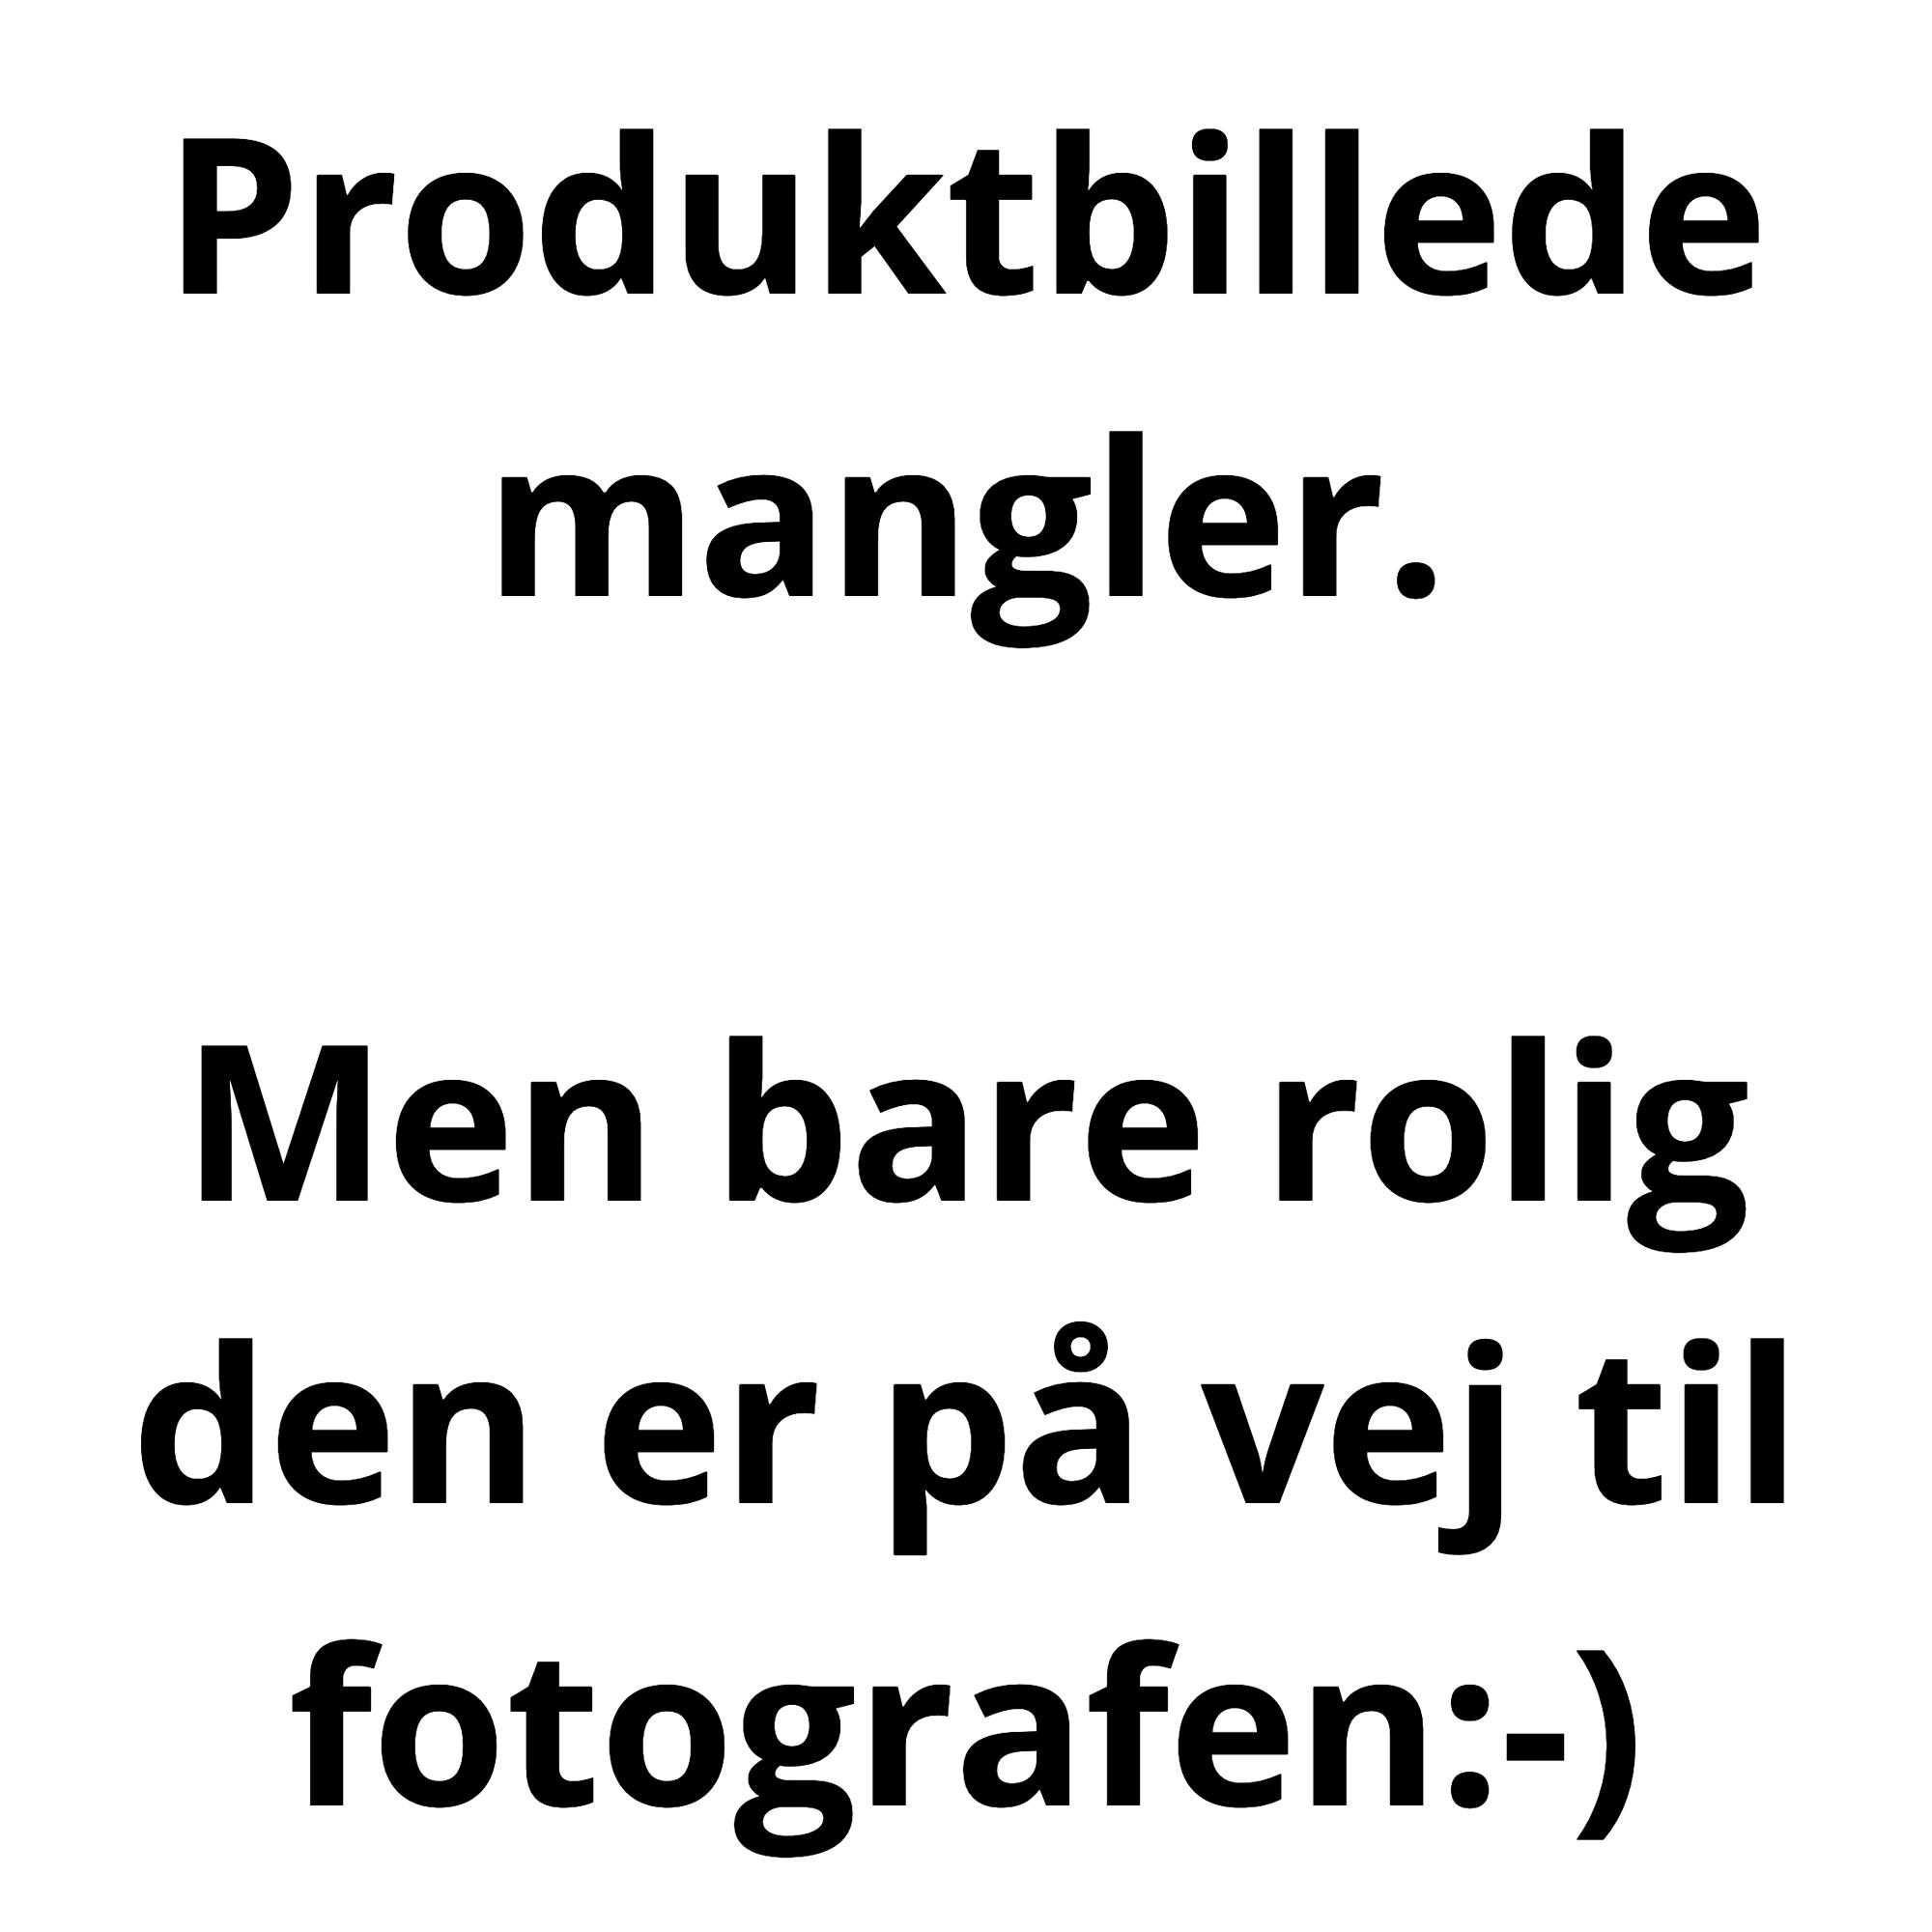 Tetrax XWay Magnet Holder til Smartphones og mindre tablets på op til 400g